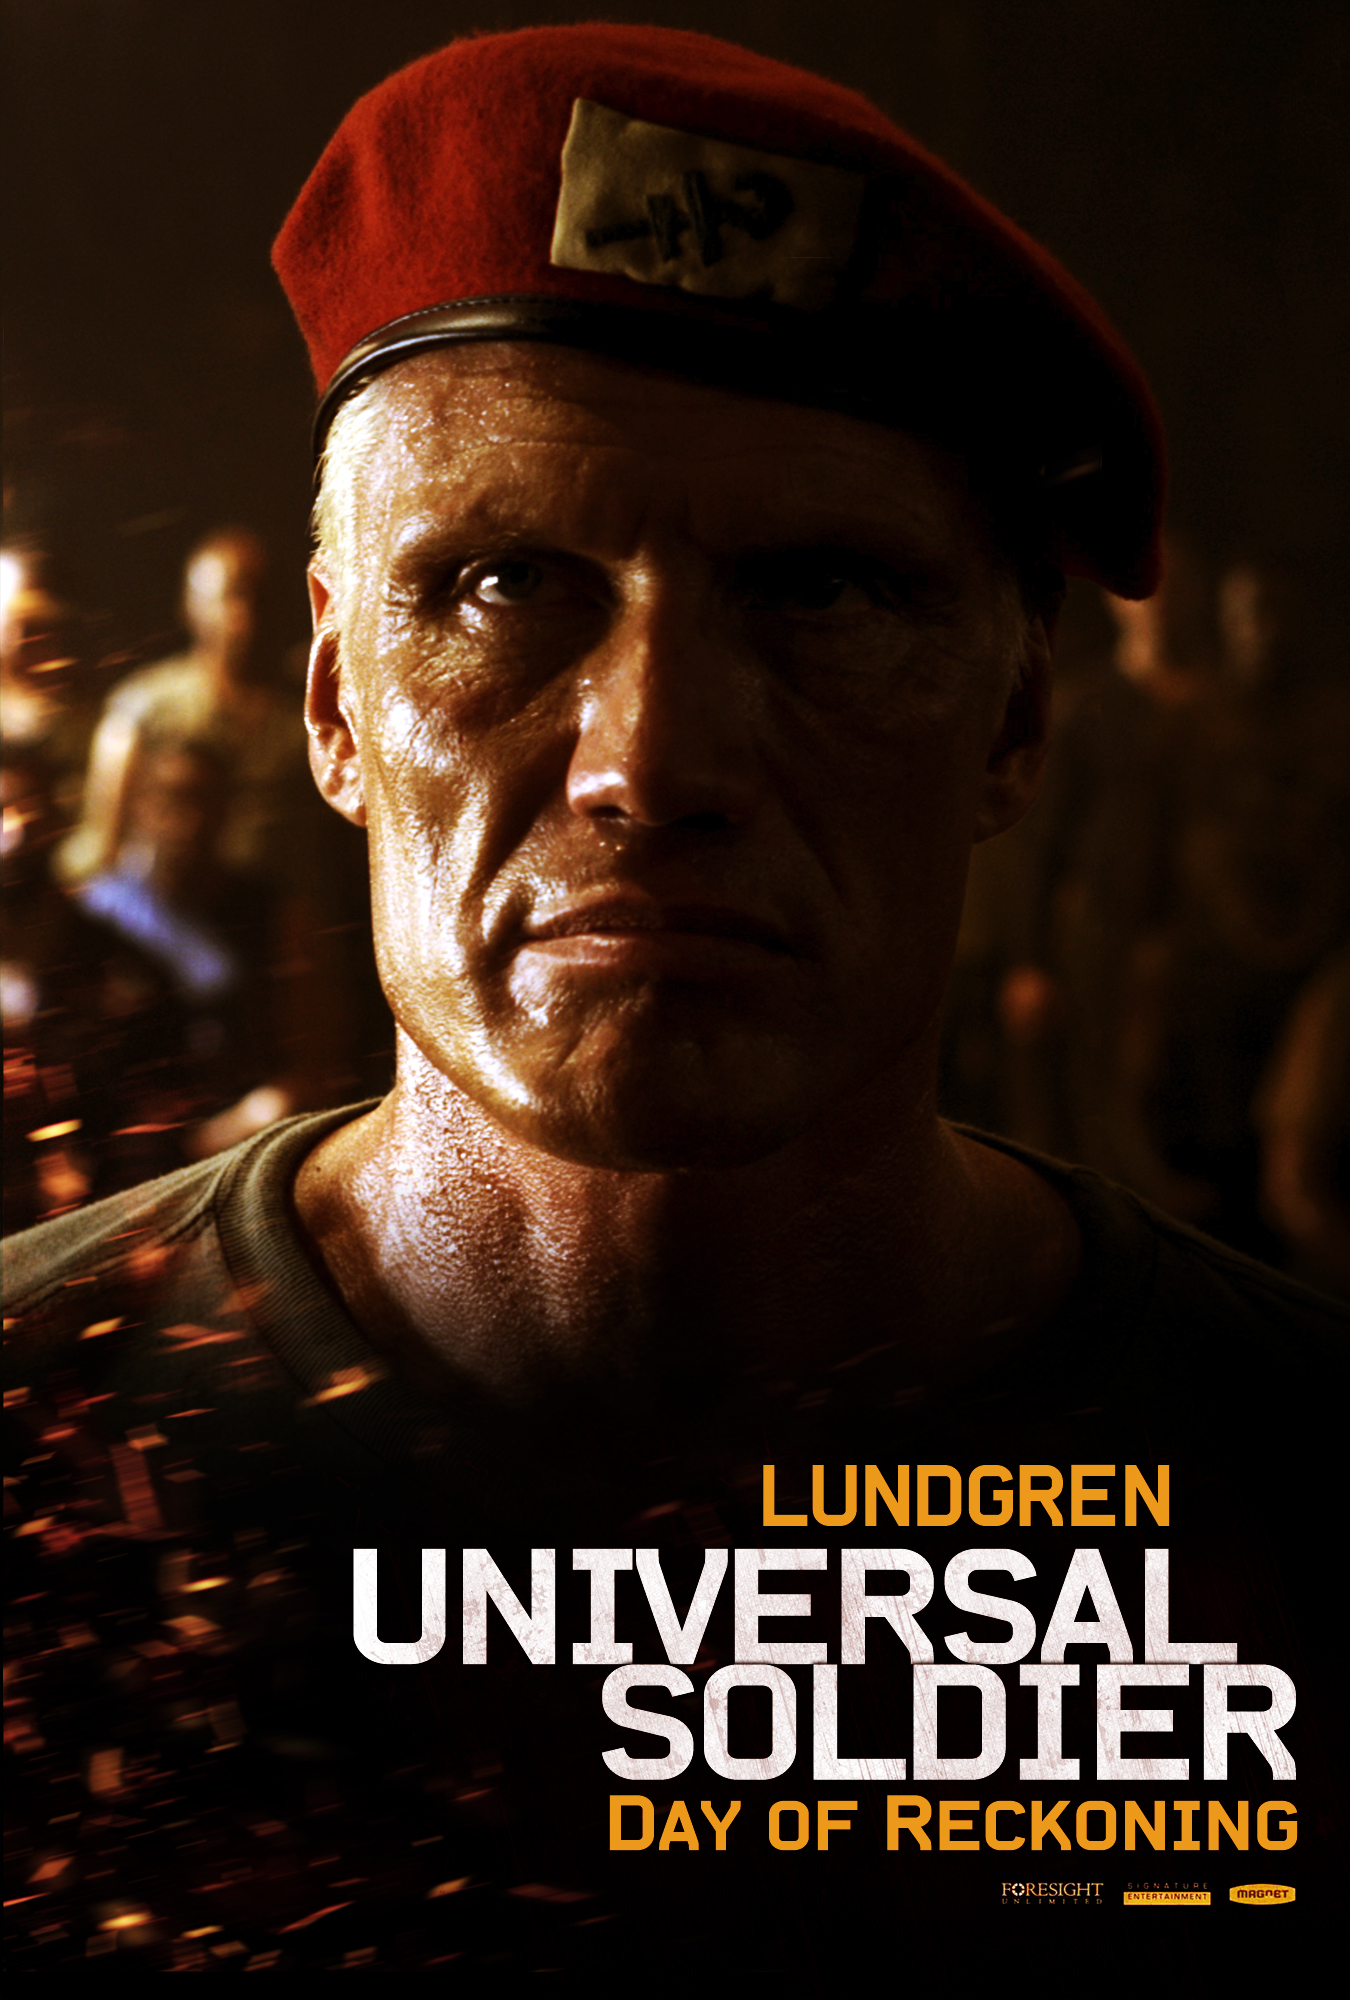 Universal Soldier Day of Reckoning Lundgren   Reggie's ...